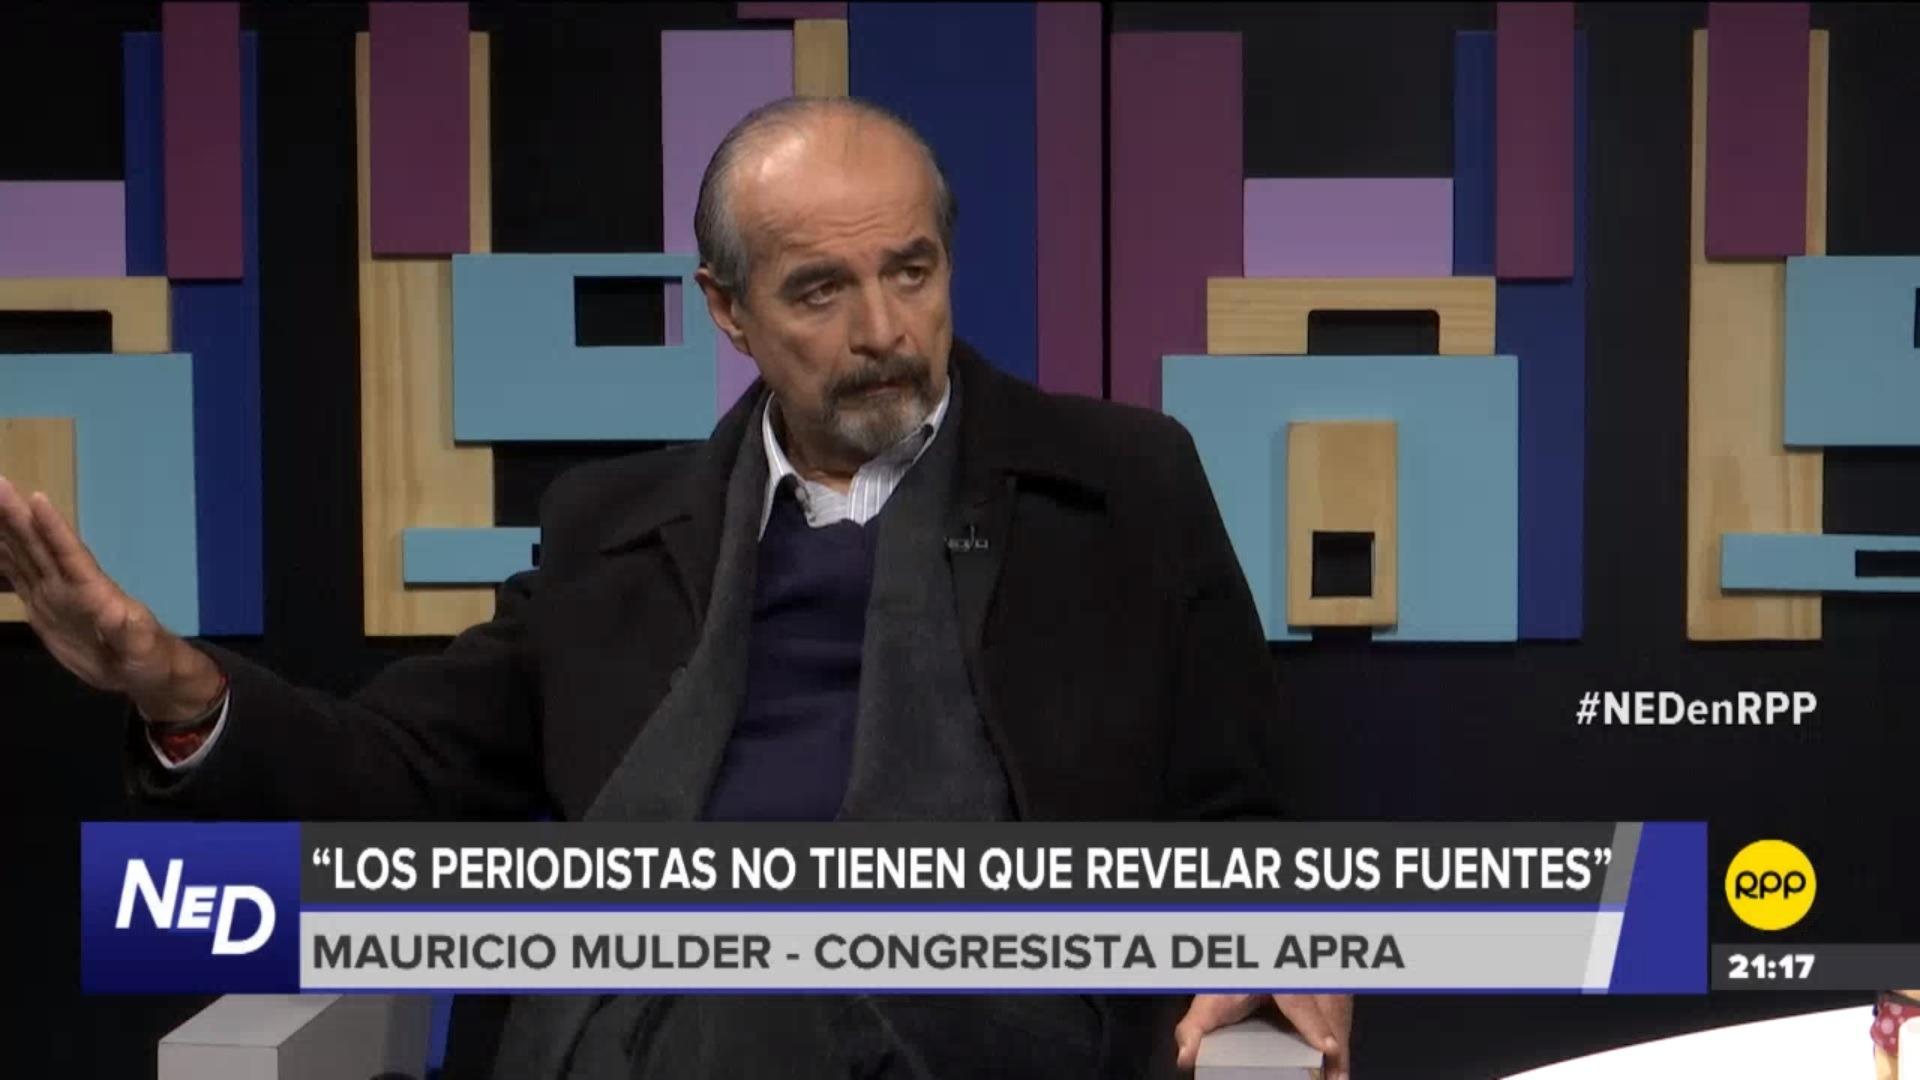 El parlamentario comentó que la citación a Gorriti y Cueva no fue discutida en la comisión de Fiscalización.